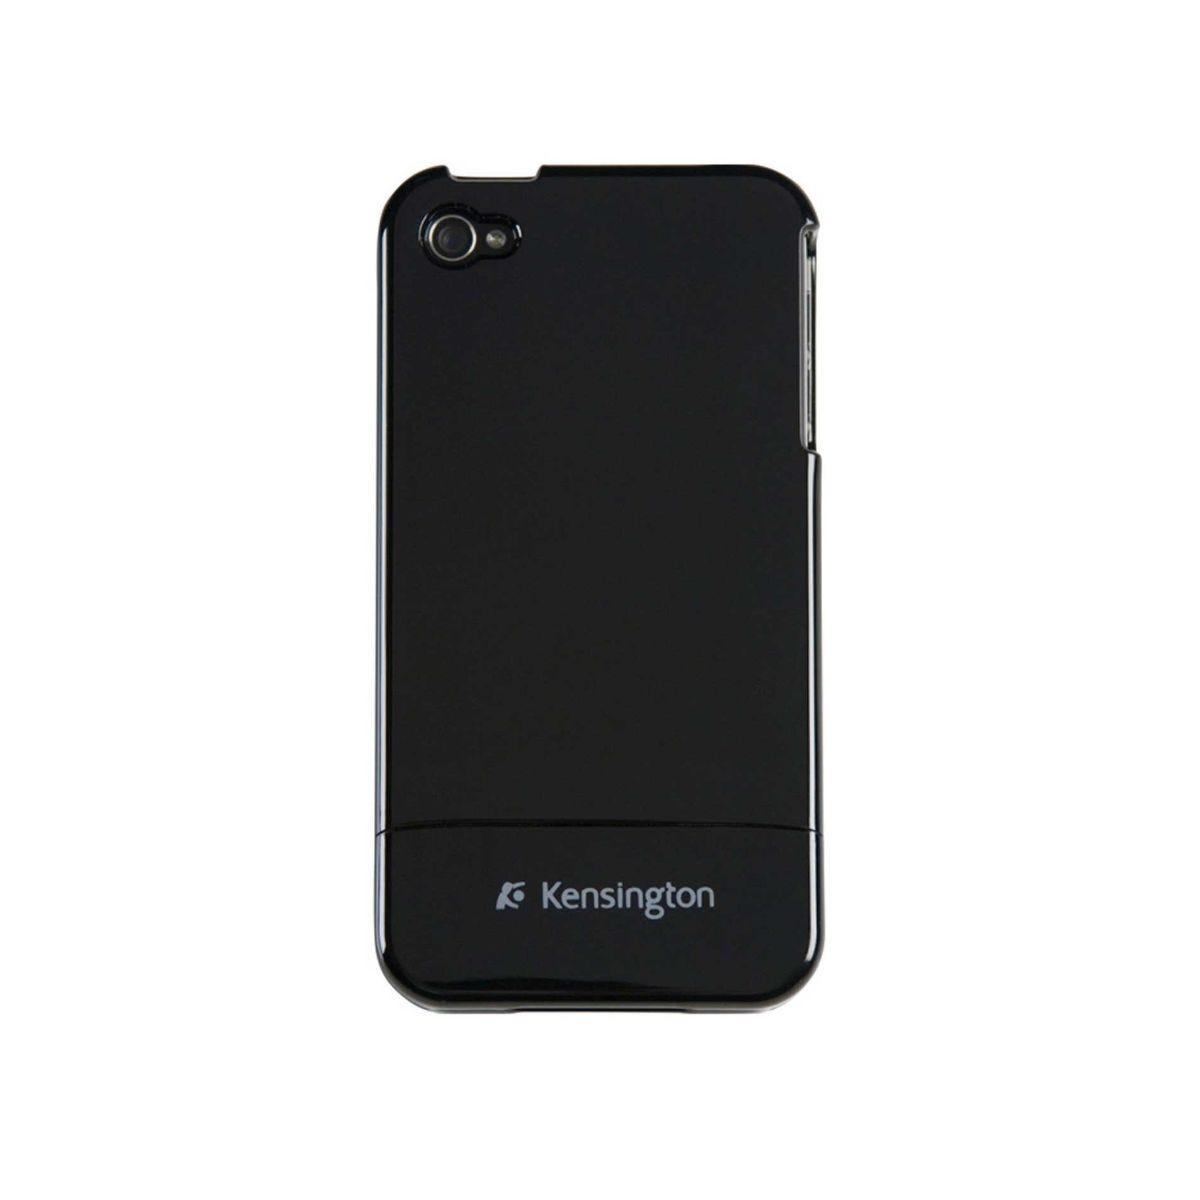 Kensington iPhone 4 Capsule Case